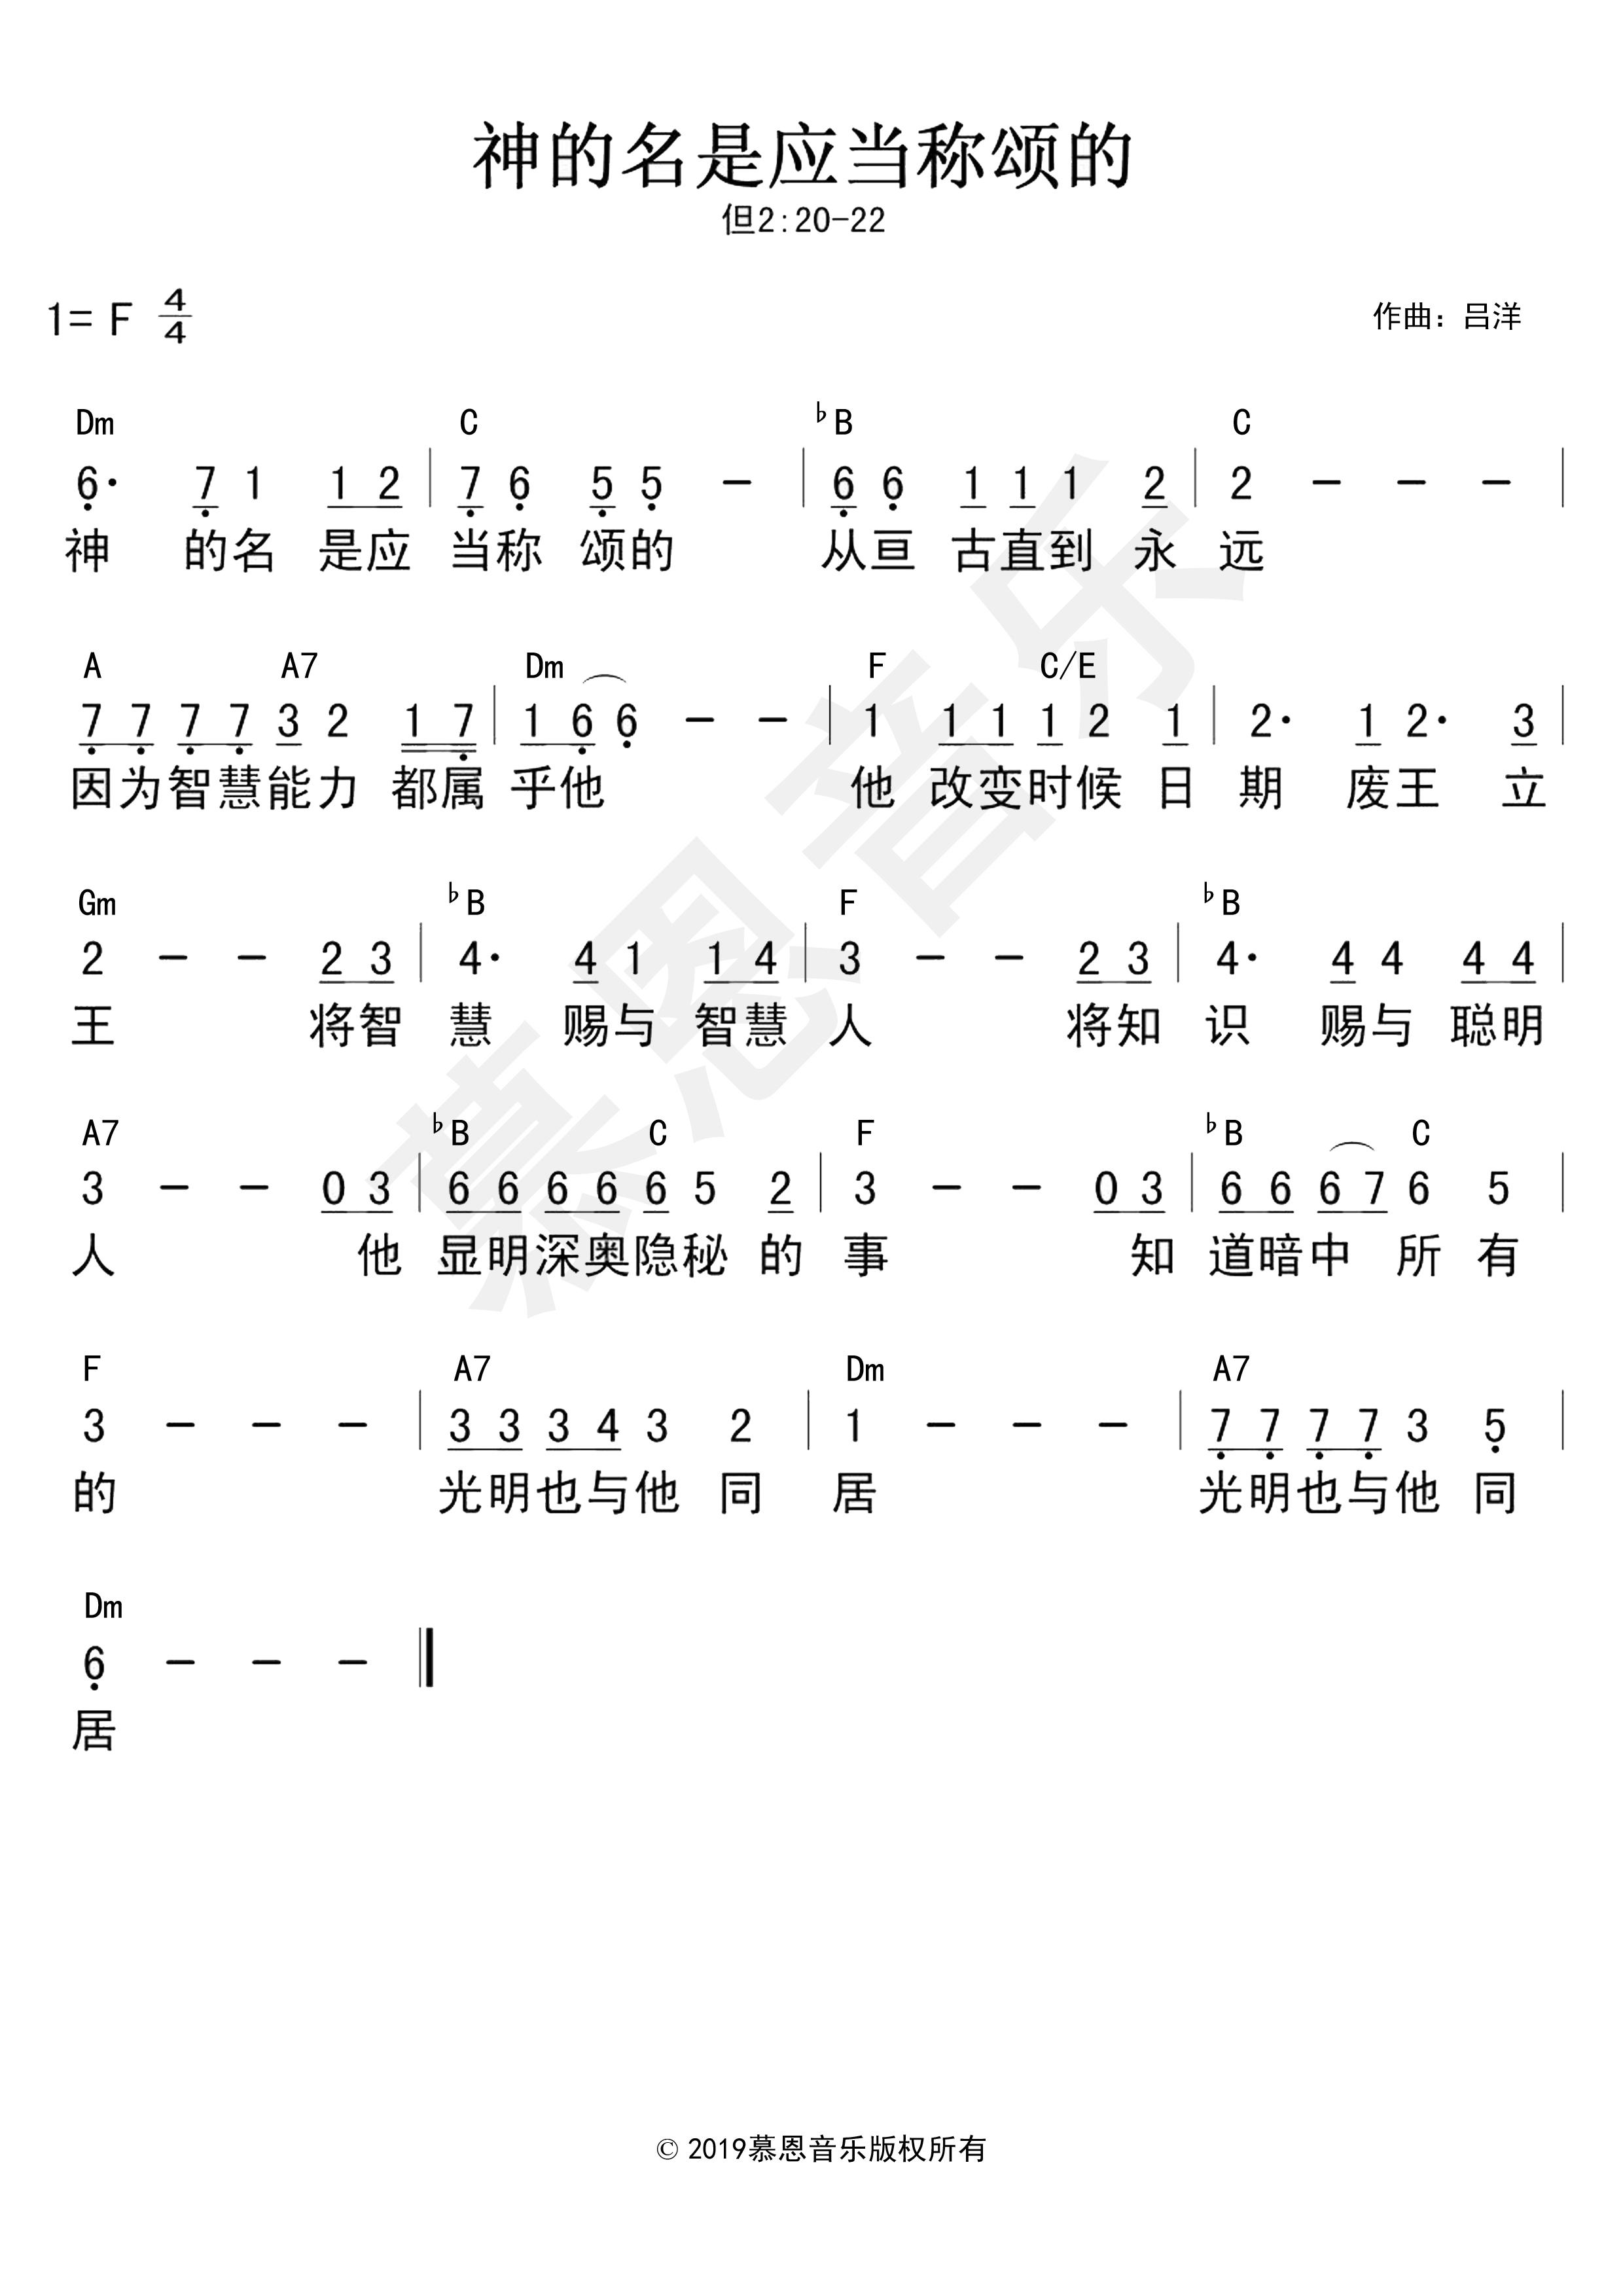 《第50首 神的名是应当称颂的 官方和弦简谱》